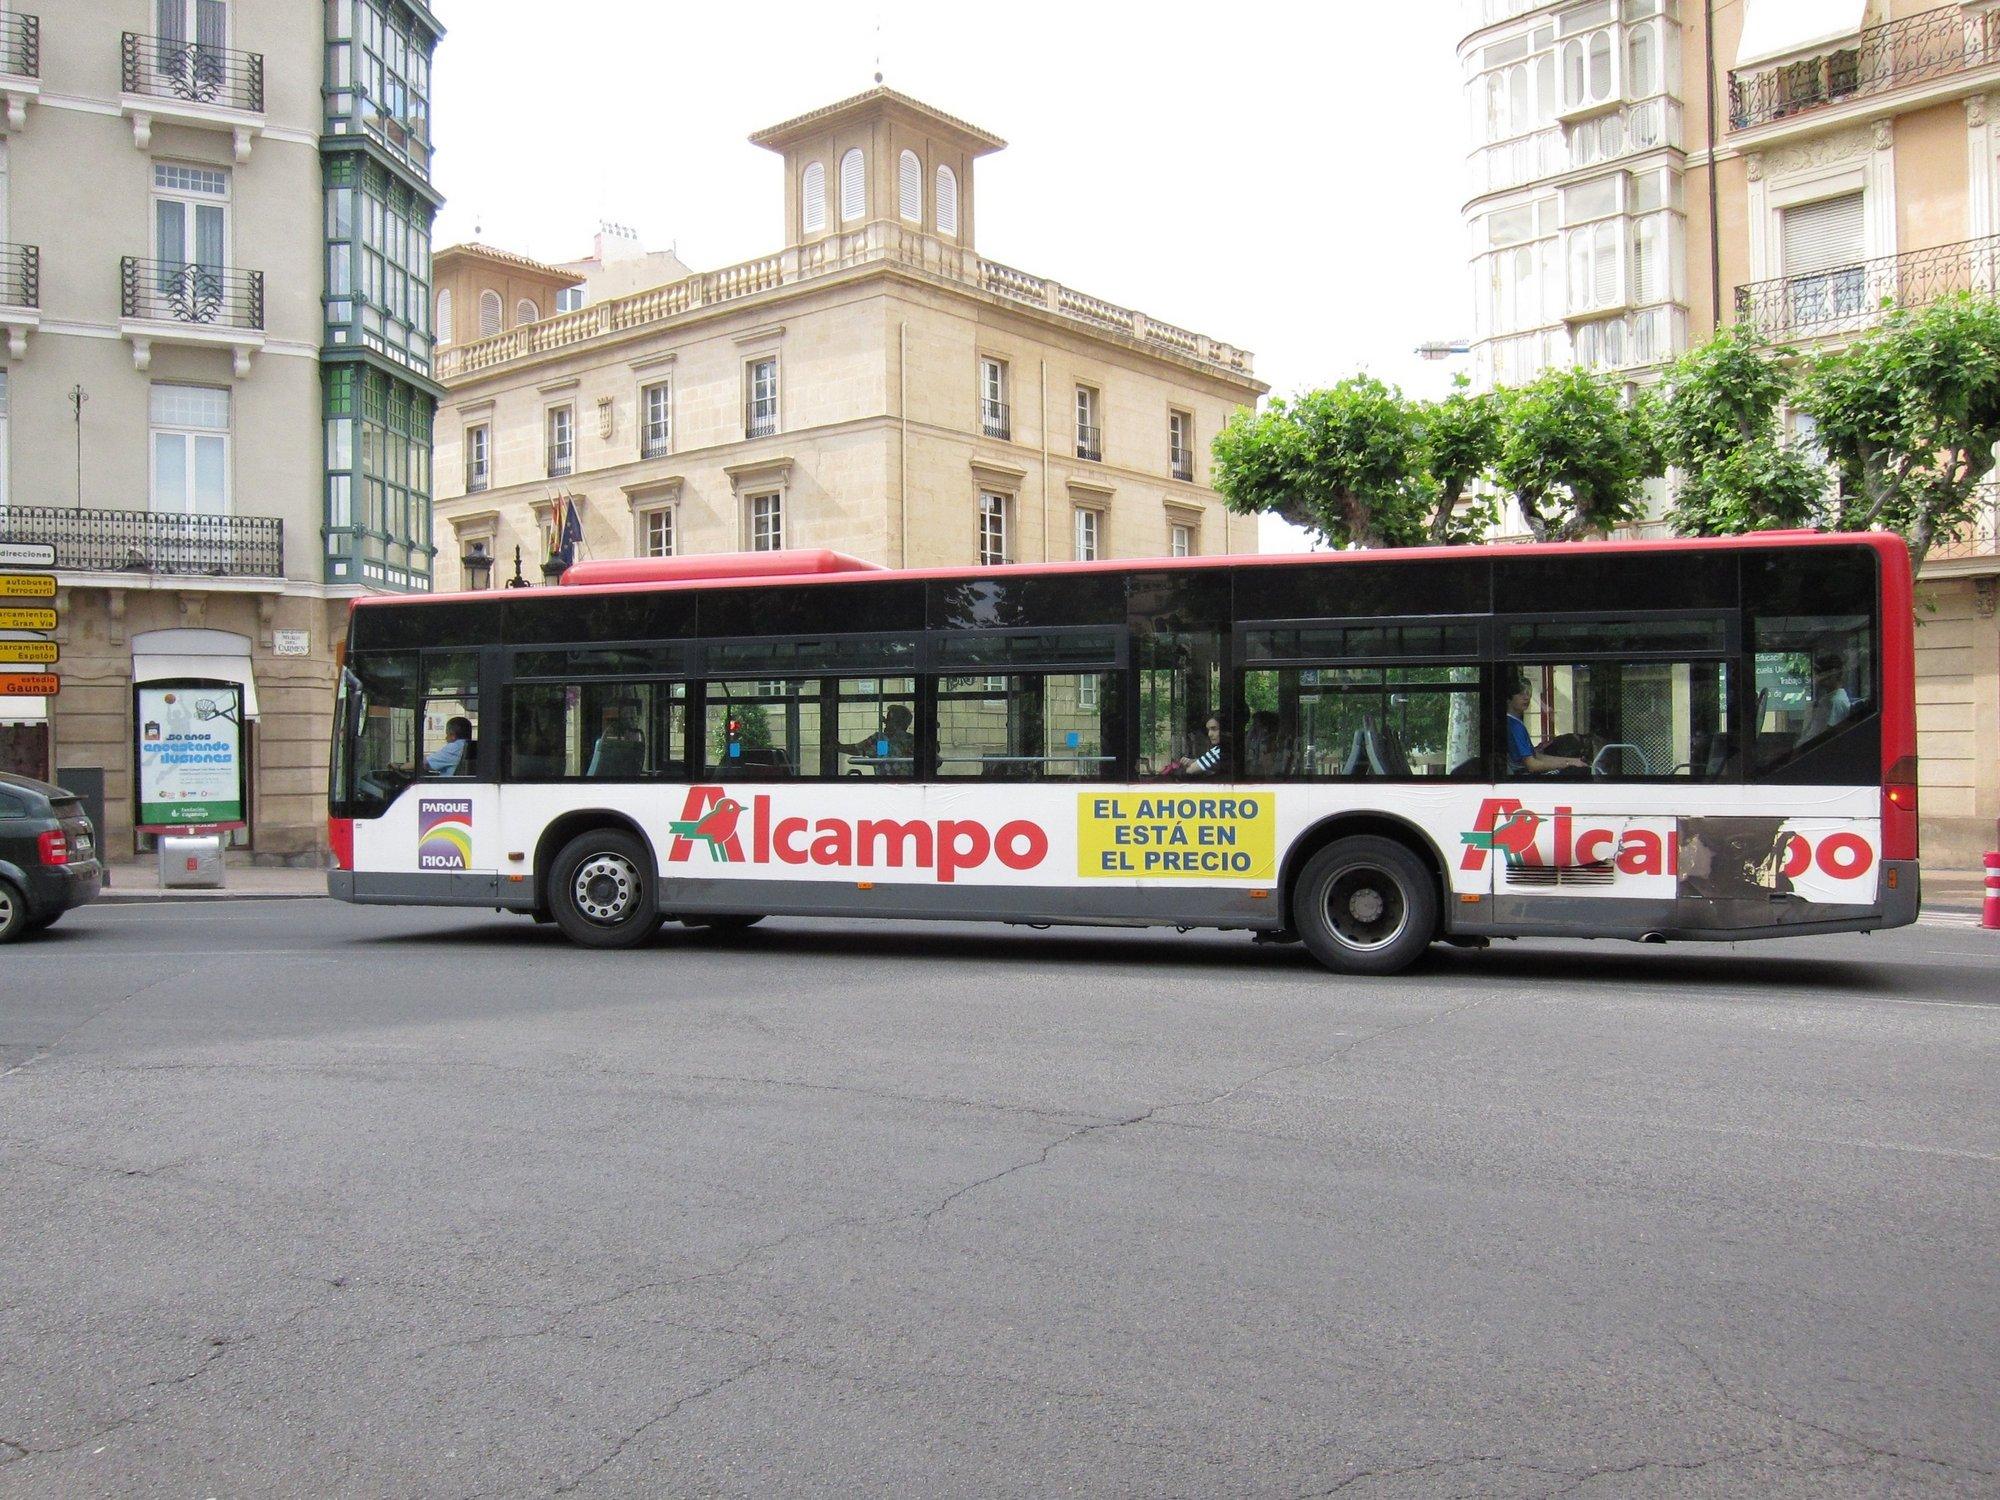 El transporte metropolitano asumirá las líneas urbanas de La Portalada y La Grajera, por la eliminación de duplicidades